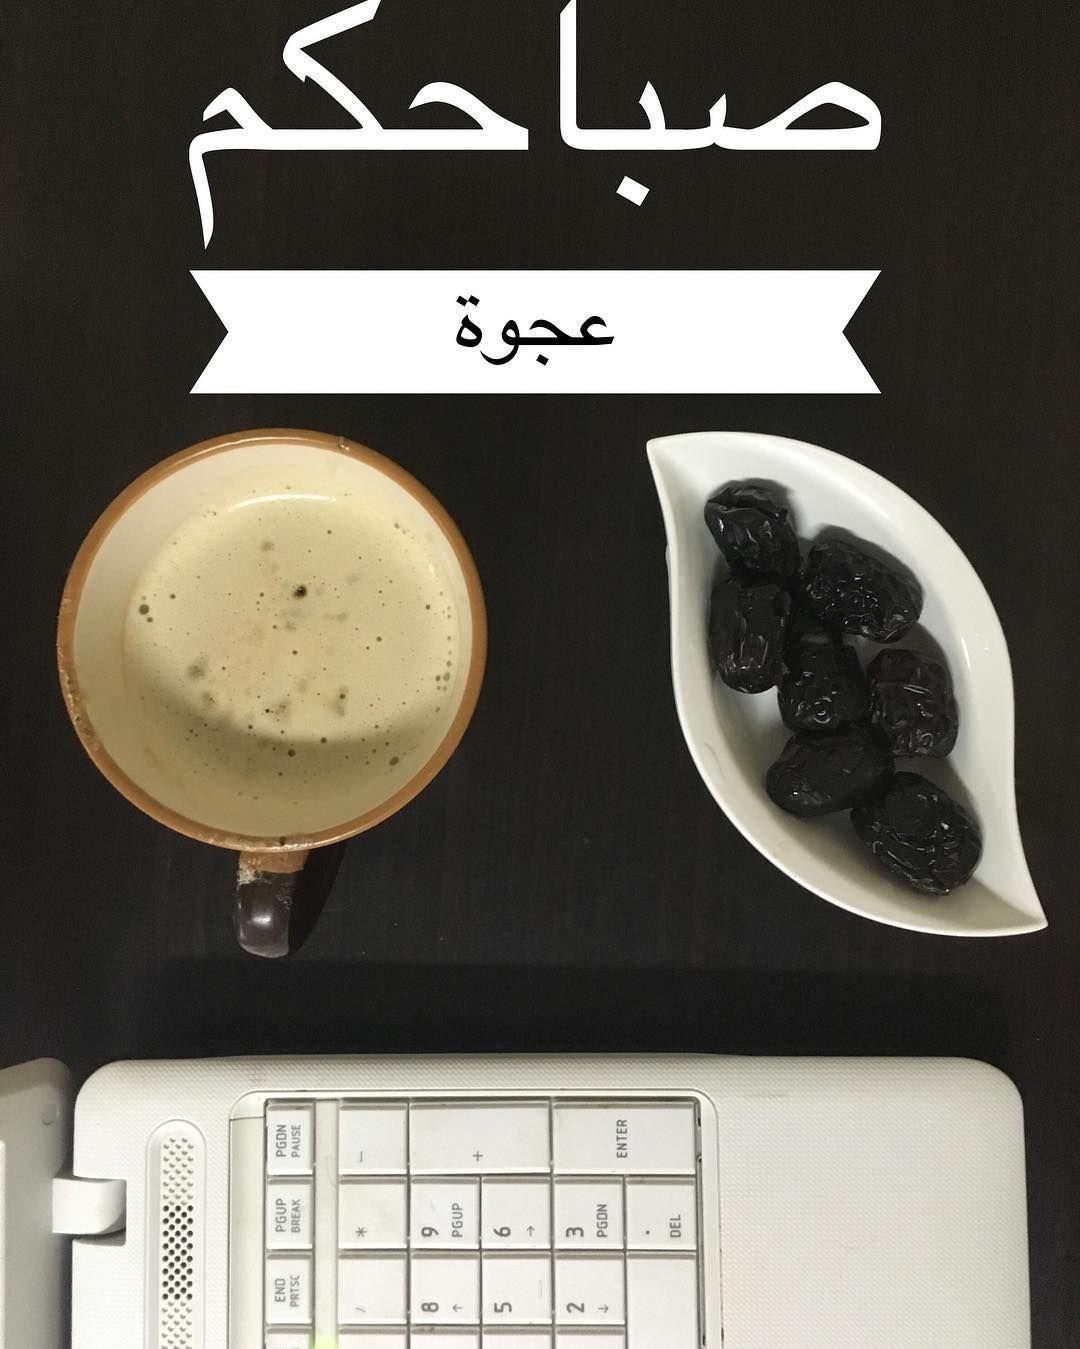 صباح الخير و صباحي تمرات عجوة Glassware Tableware